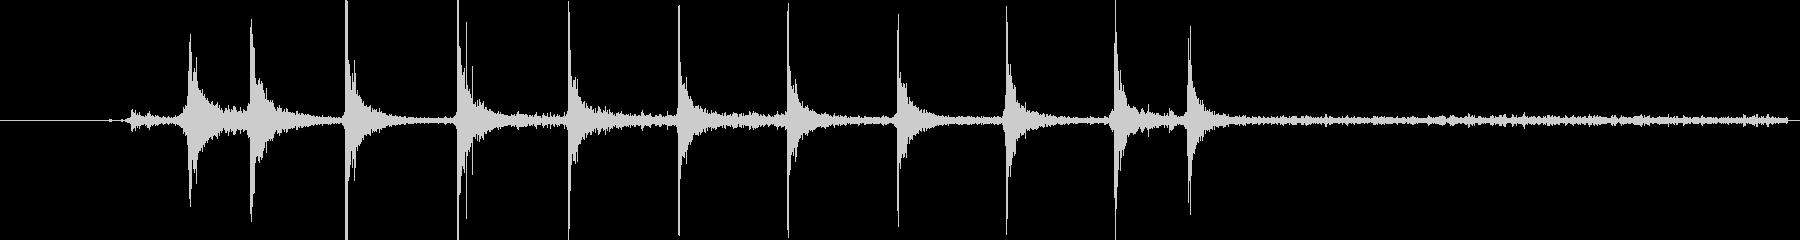 ガスコンロの着火音(音量大)の未再生の波形